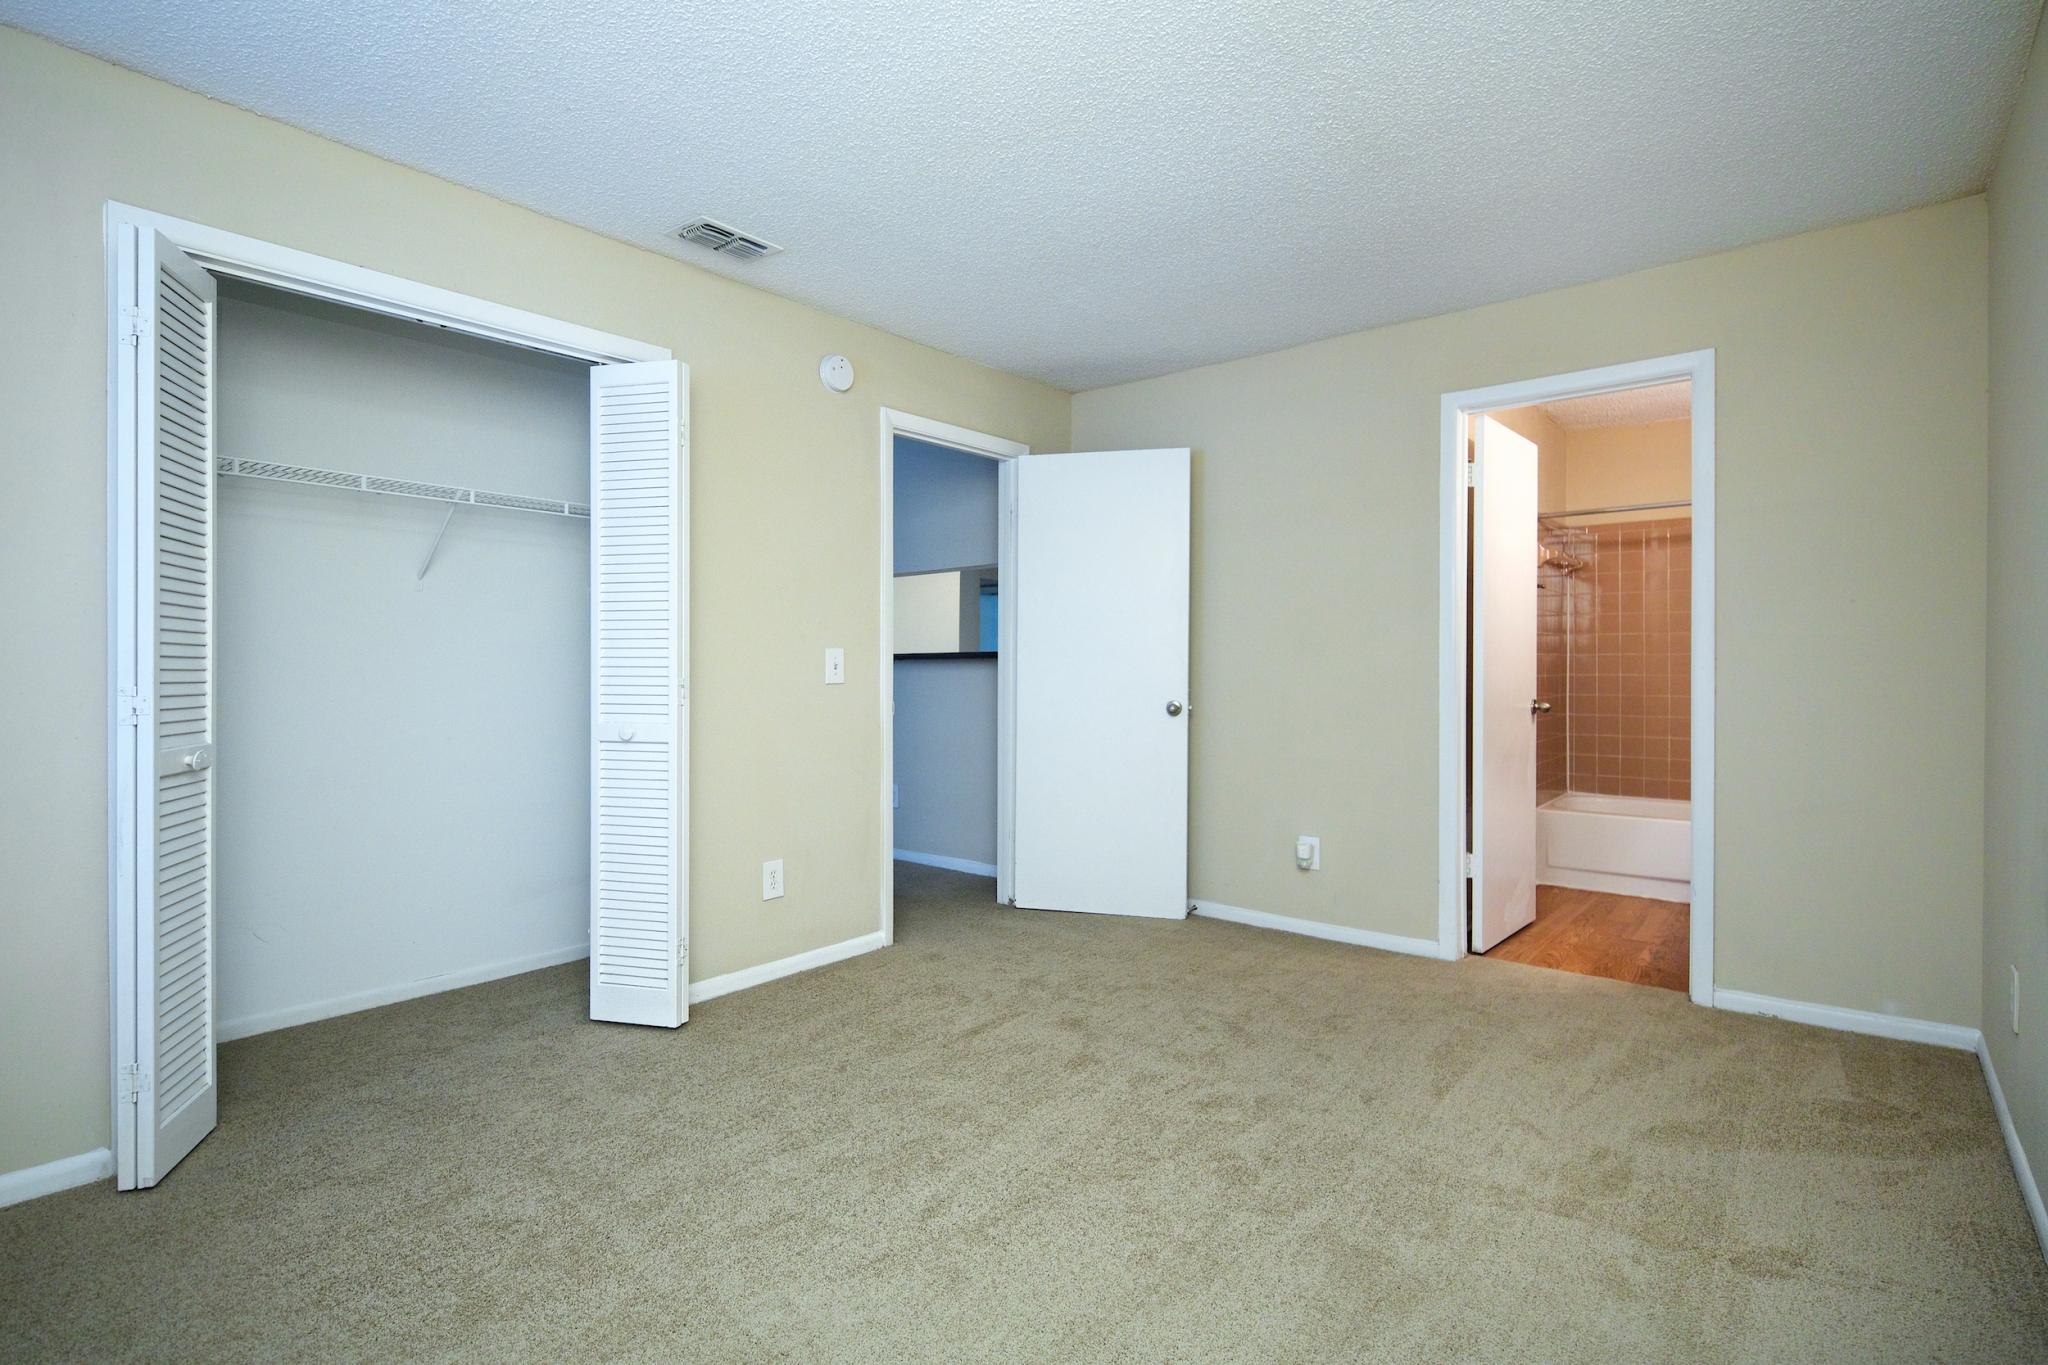 Bentley Green | Apartments for Rent Jacksonville, Florida | Bedroom